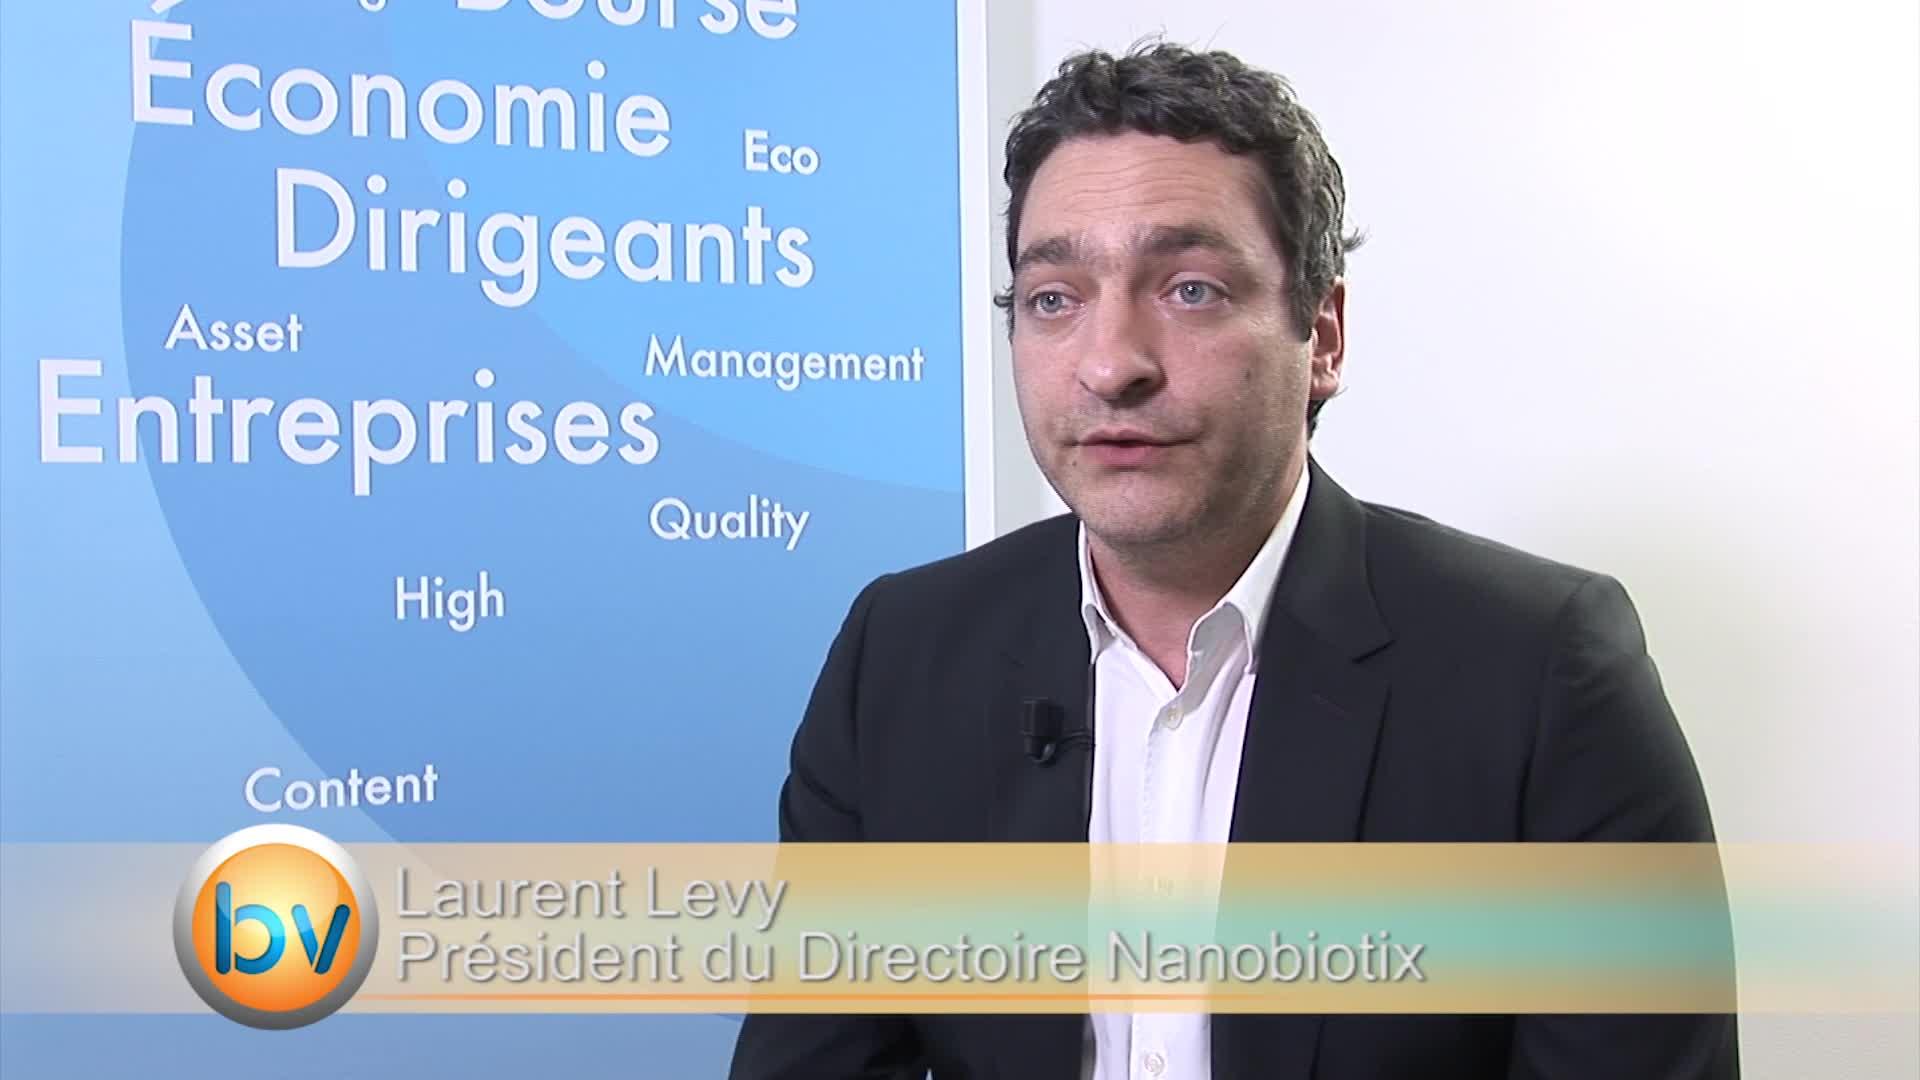 """Laurent Levy Président du Directoire Nanobiotix : """"Nous pouvons étendre potentiellement l'utilisation de ce produit"""""""